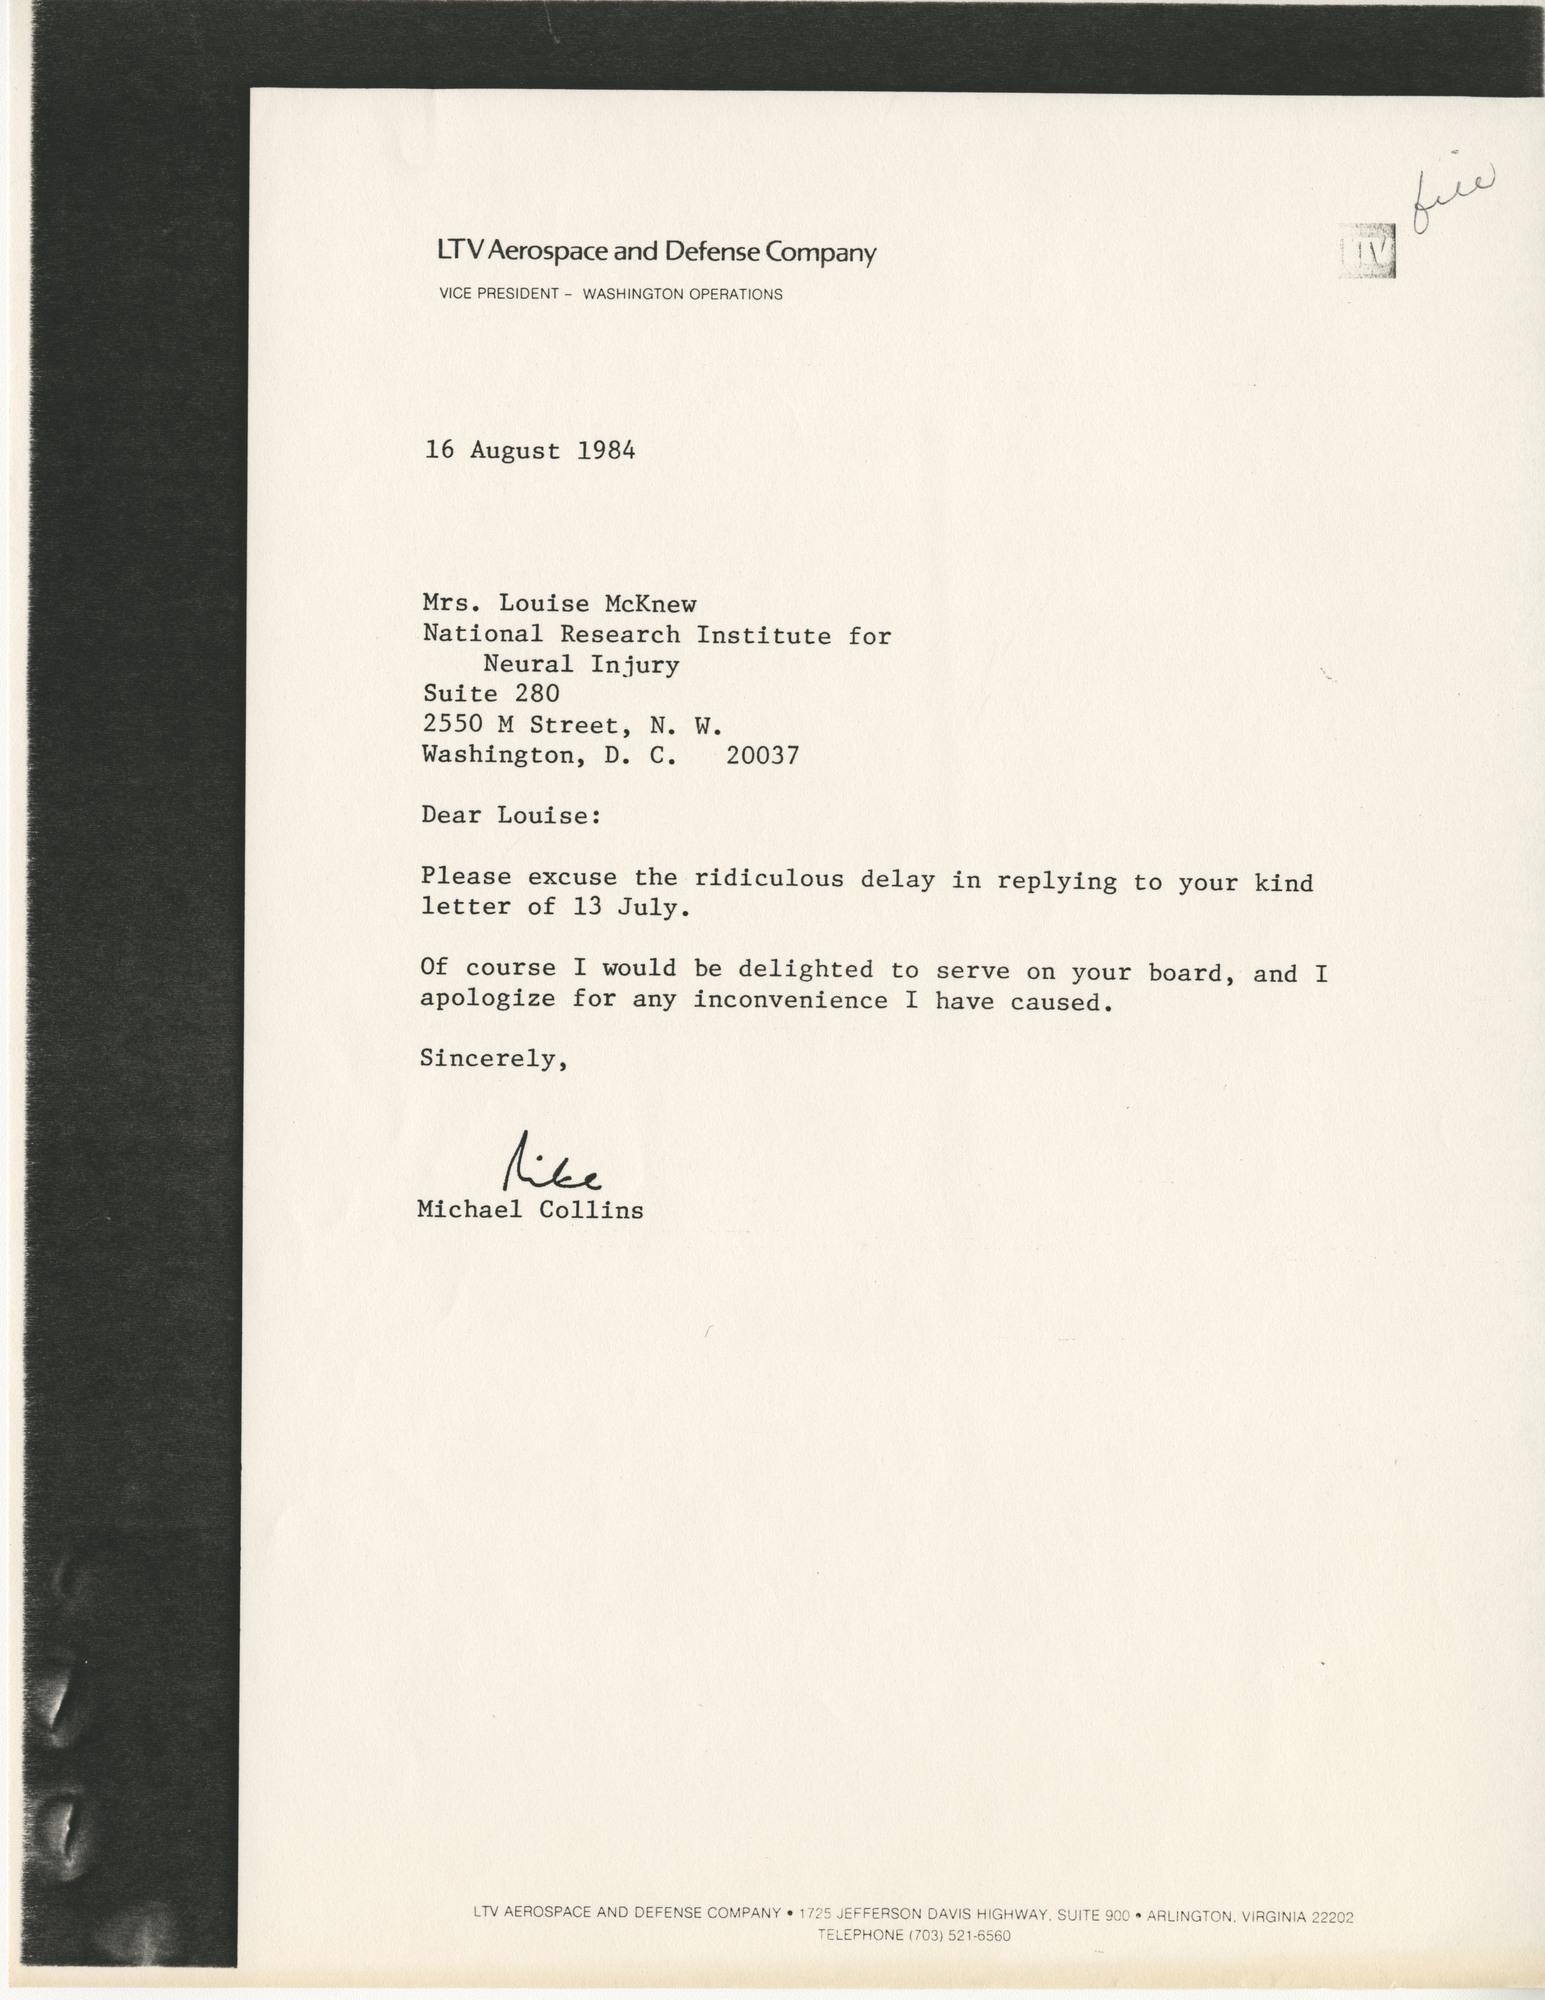 http://spec.lib.vt.edu/pickup/Omeka_upload/Ms1989-029_B19_F11_Letter_1984_0816.jpg